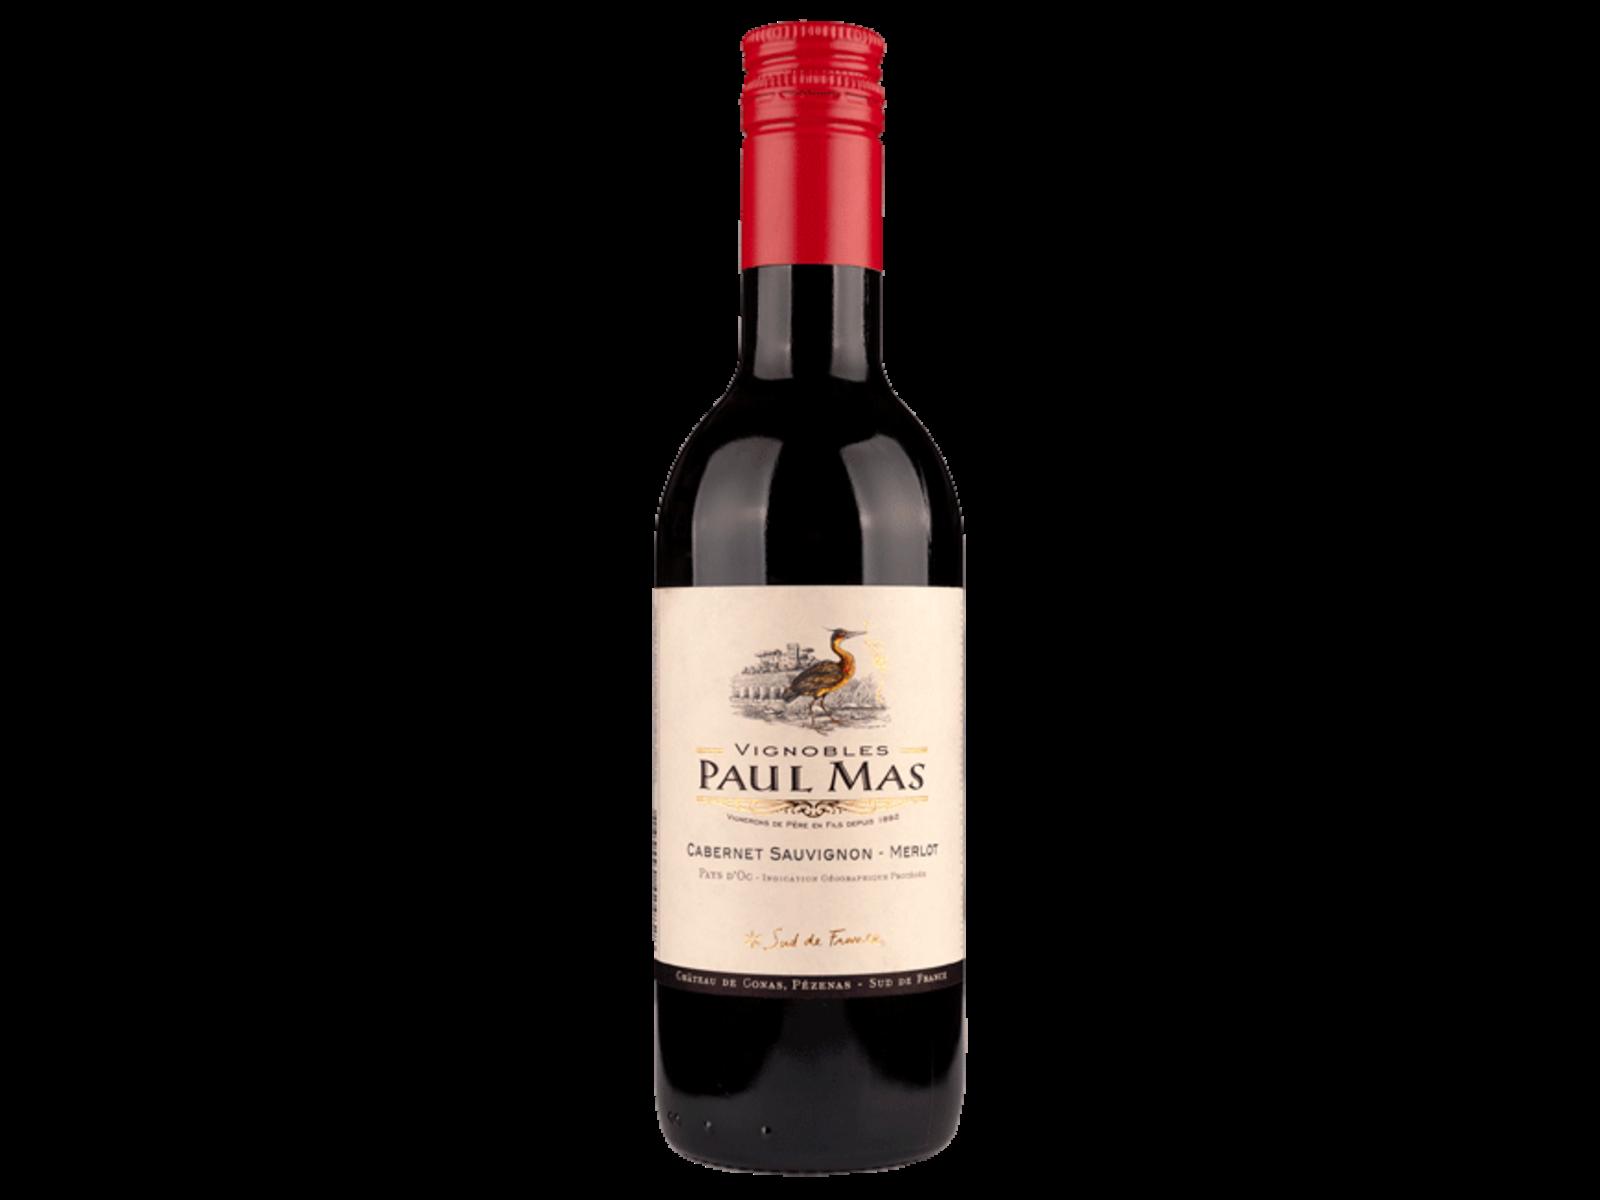 Domaines Paul Mas Paul Mas / merlot - cabernet